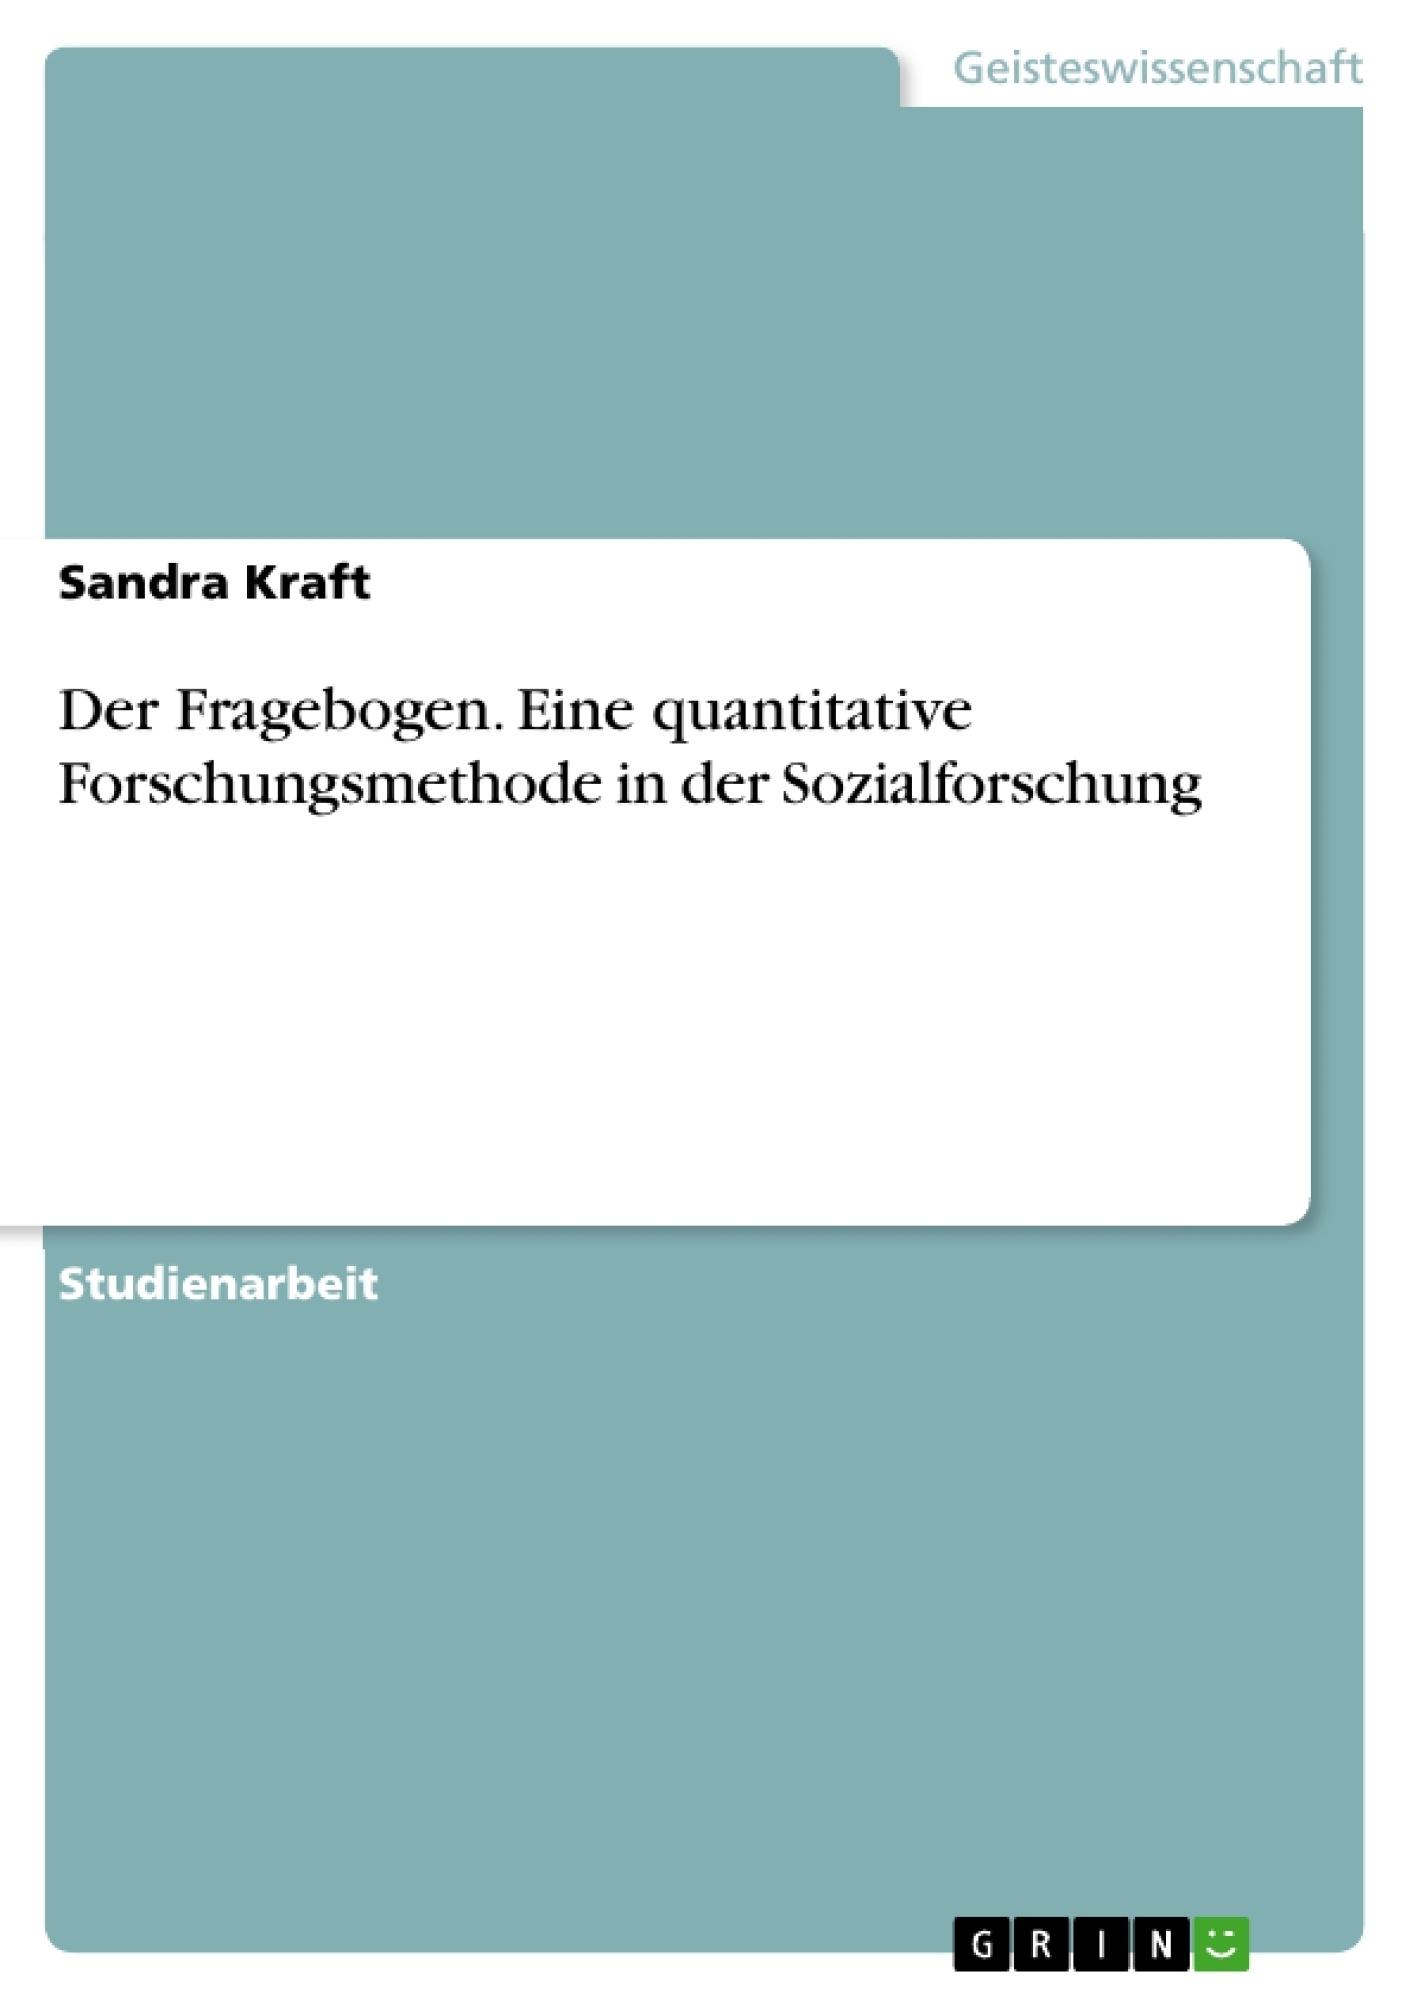 Titel: Der Fragebogen. Eine quantitative Forschungsmethode in der Sozialforschung